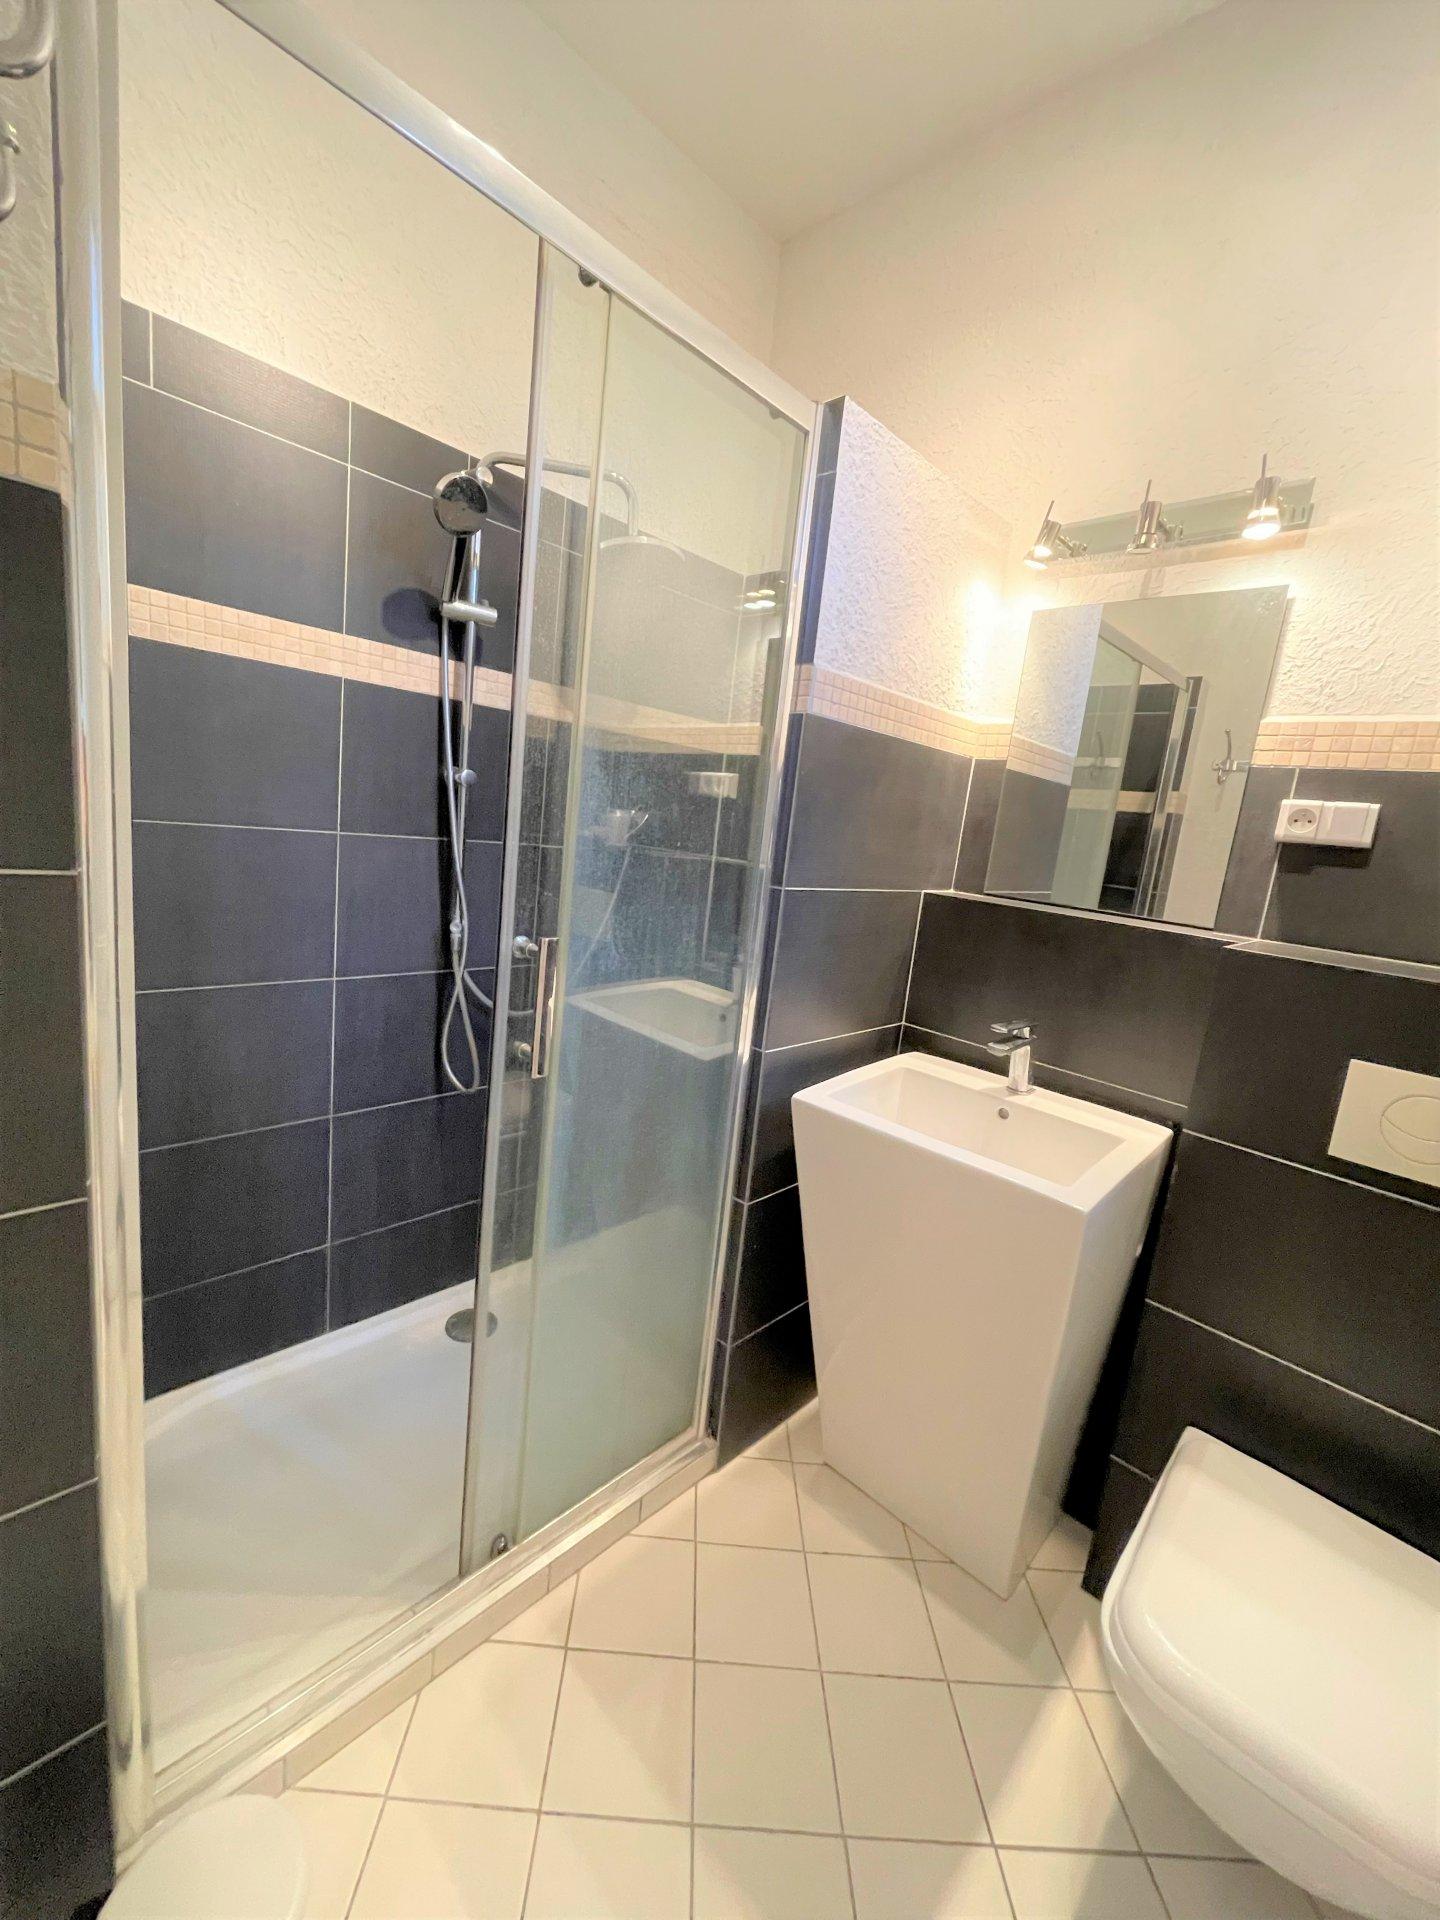 La salle d'eau avec jolie douche à l'italienne